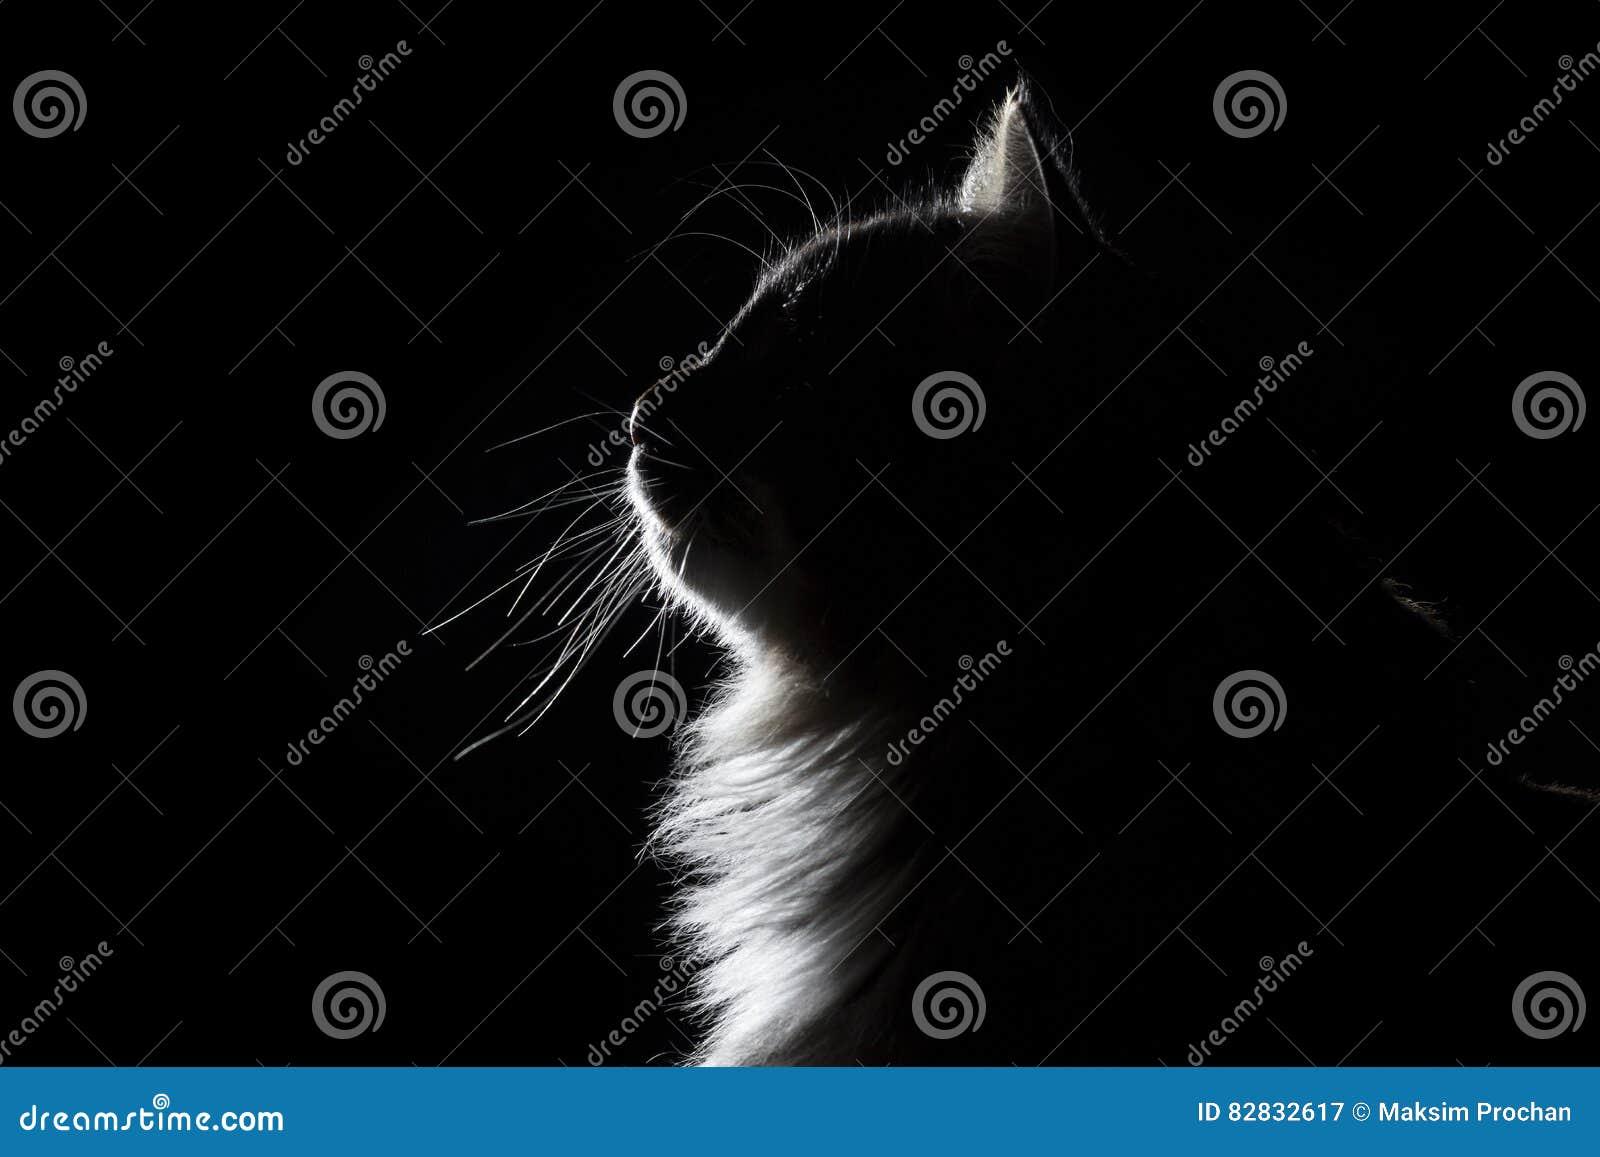 Descriva il ritratto della siluetta di bello gatto lanuginoso su un fondo nero